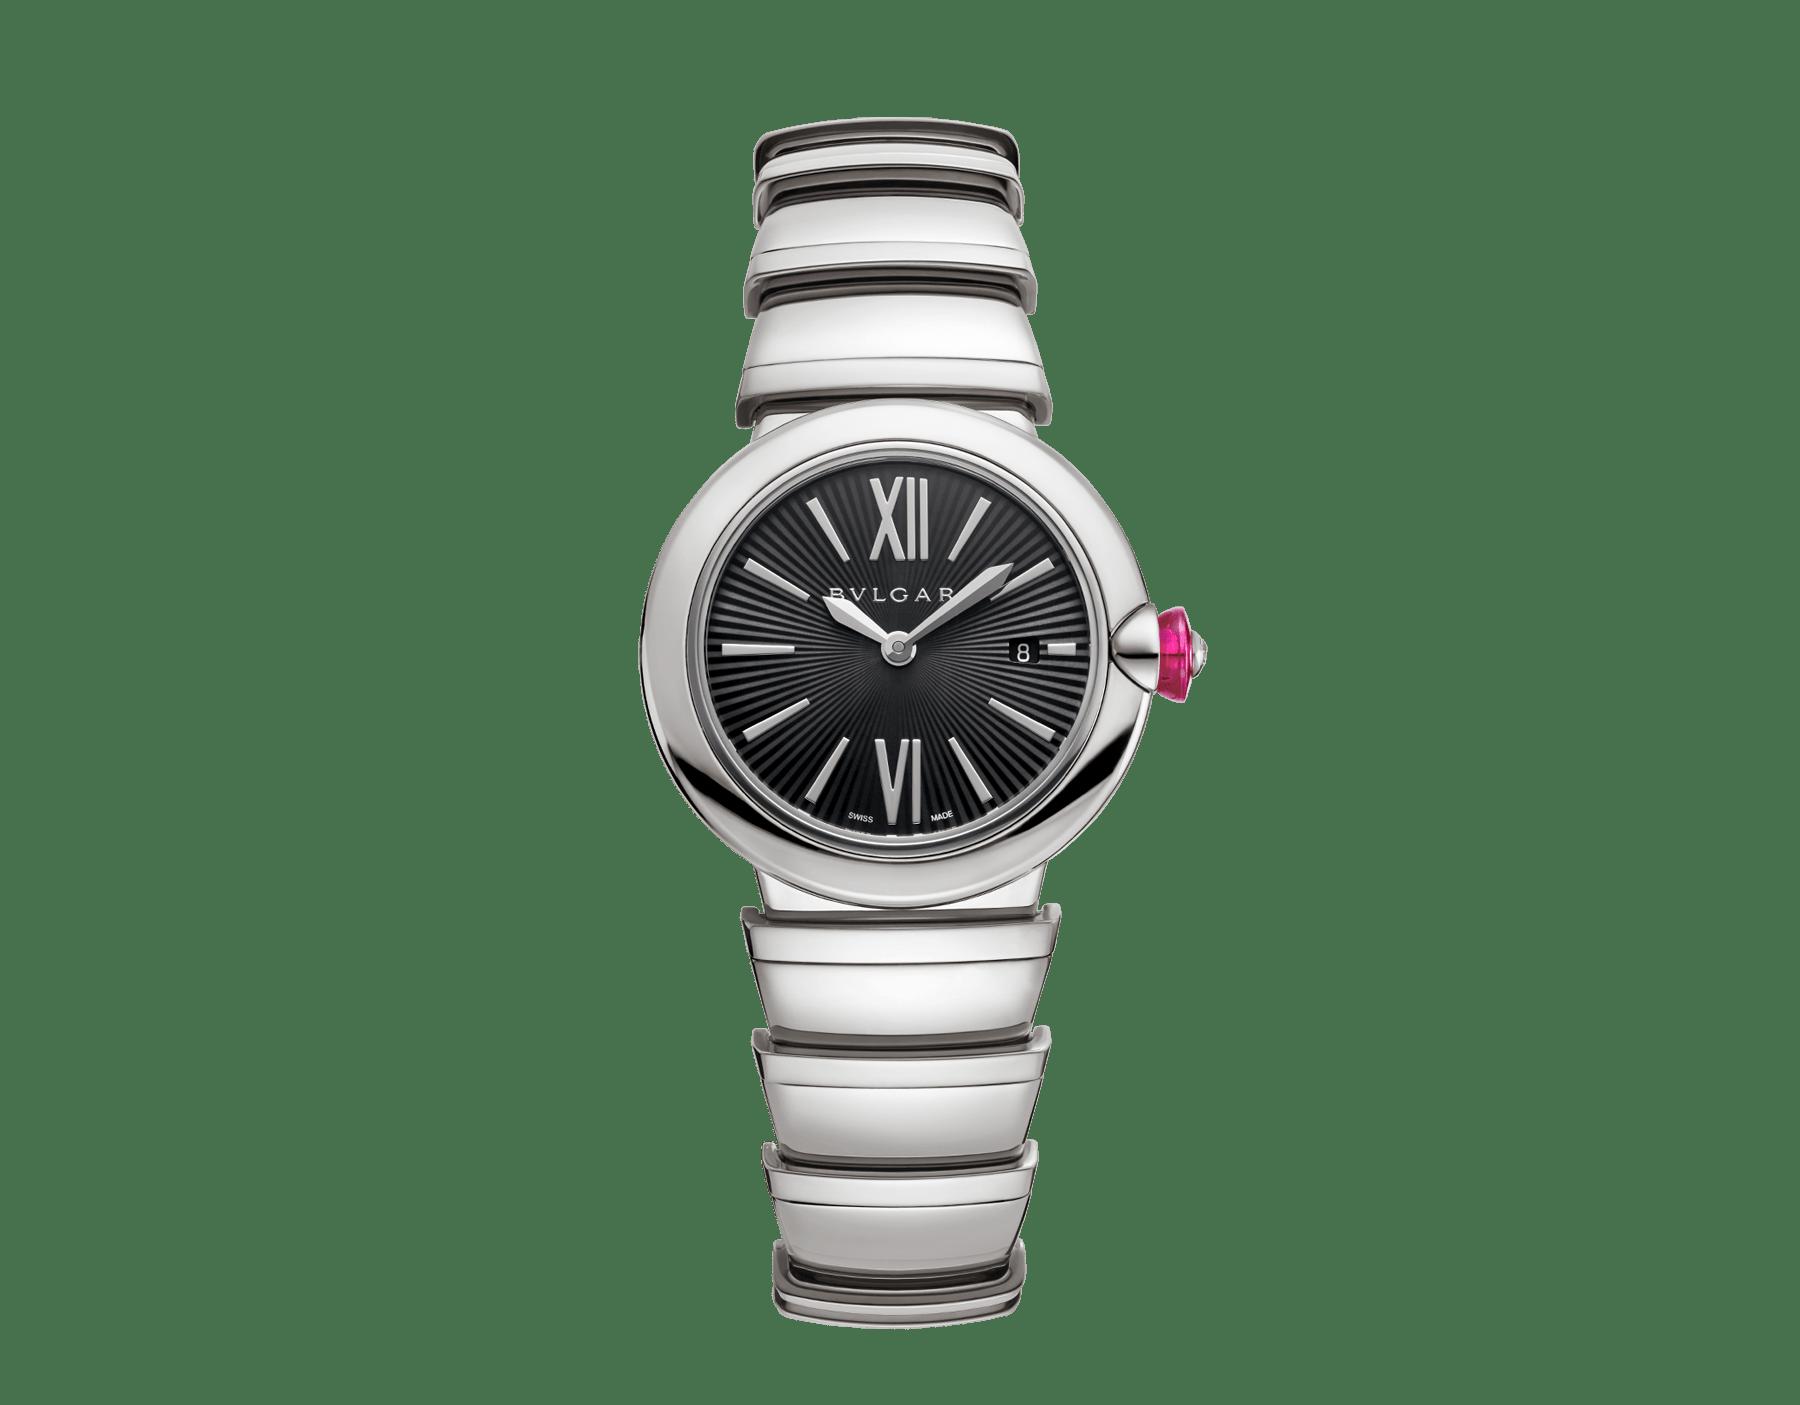 Montre LVCEA avec boîtier et bracelet en acier inoxydable, cadran noir. 102690 image 1